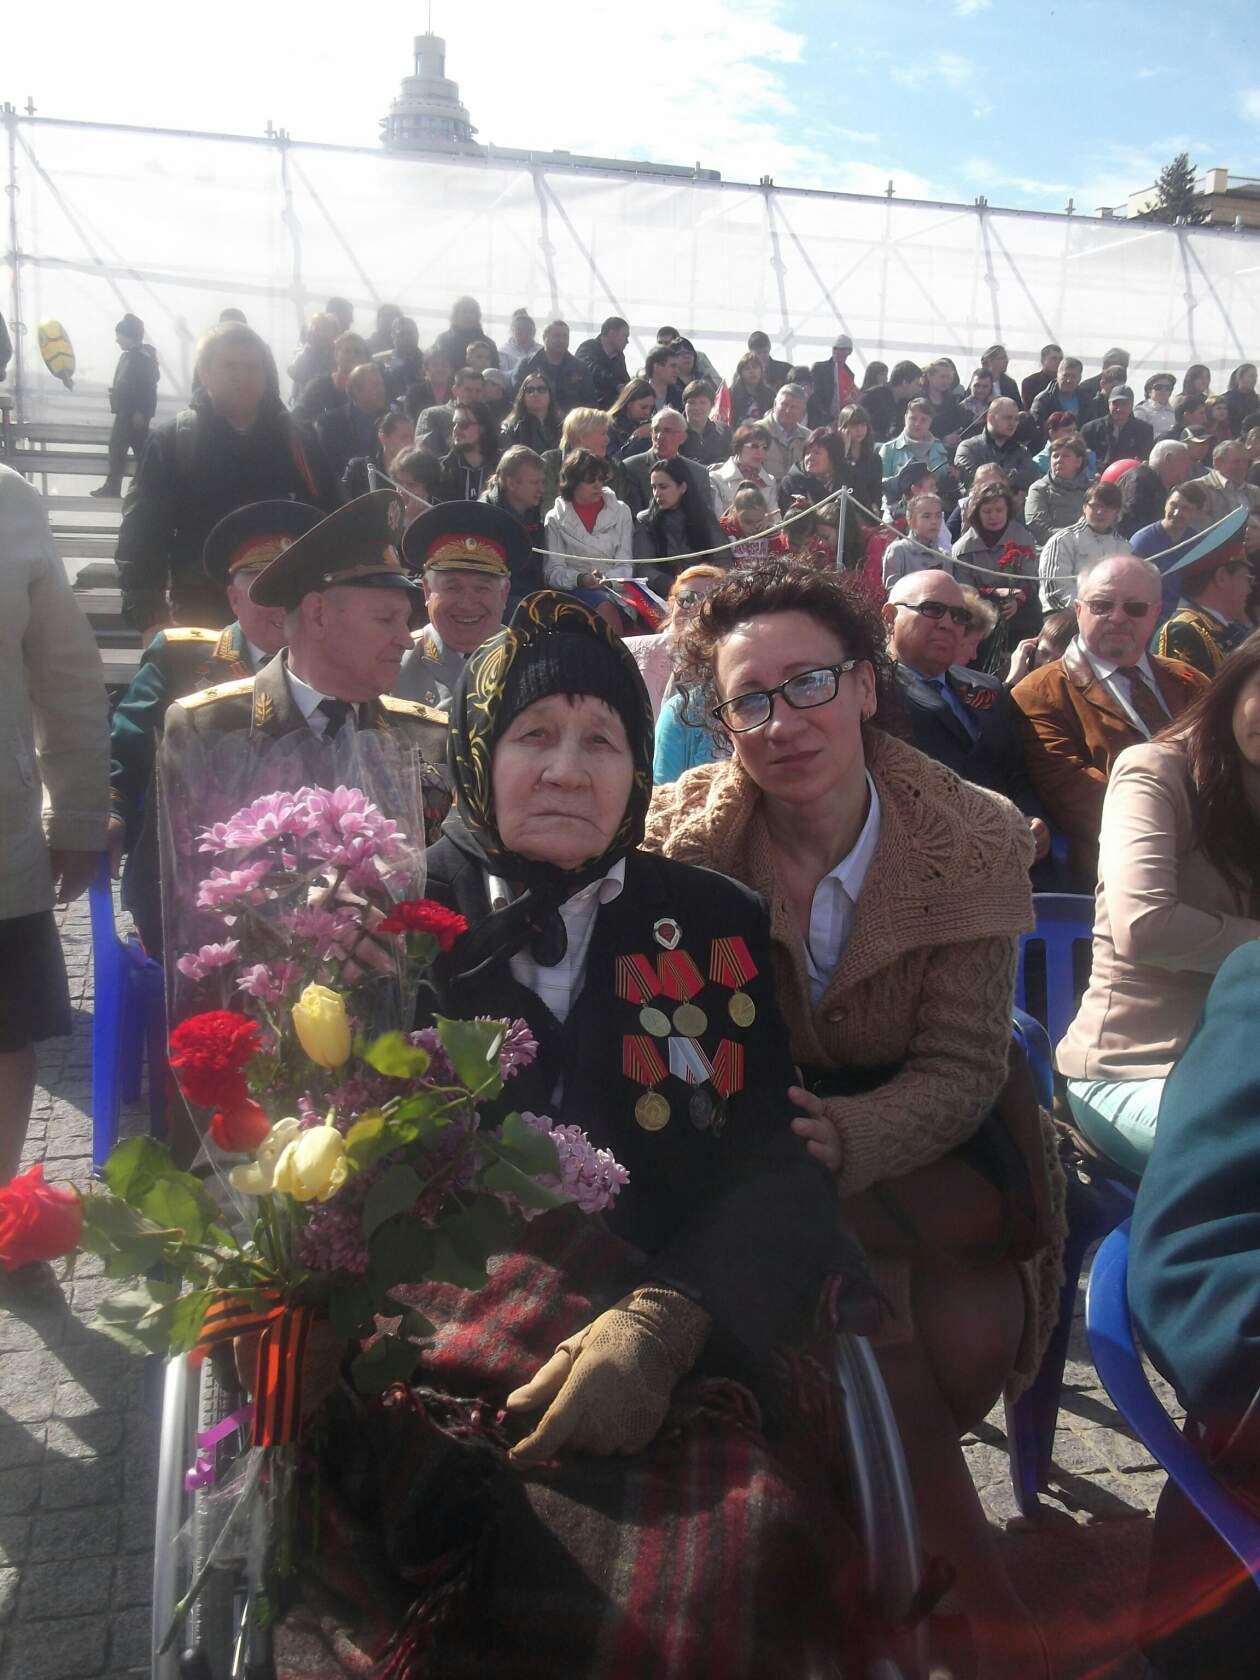 http://vrnschool85.ucoz.ru/19-20/IMG_20200508_111723.jpg